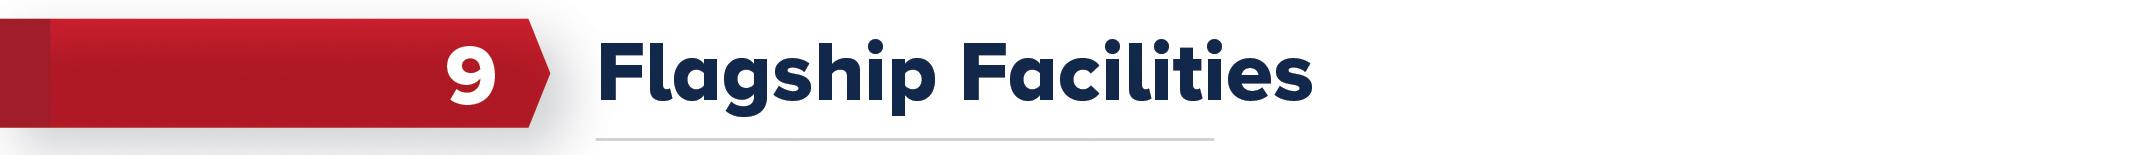 9. Flagship Facilities